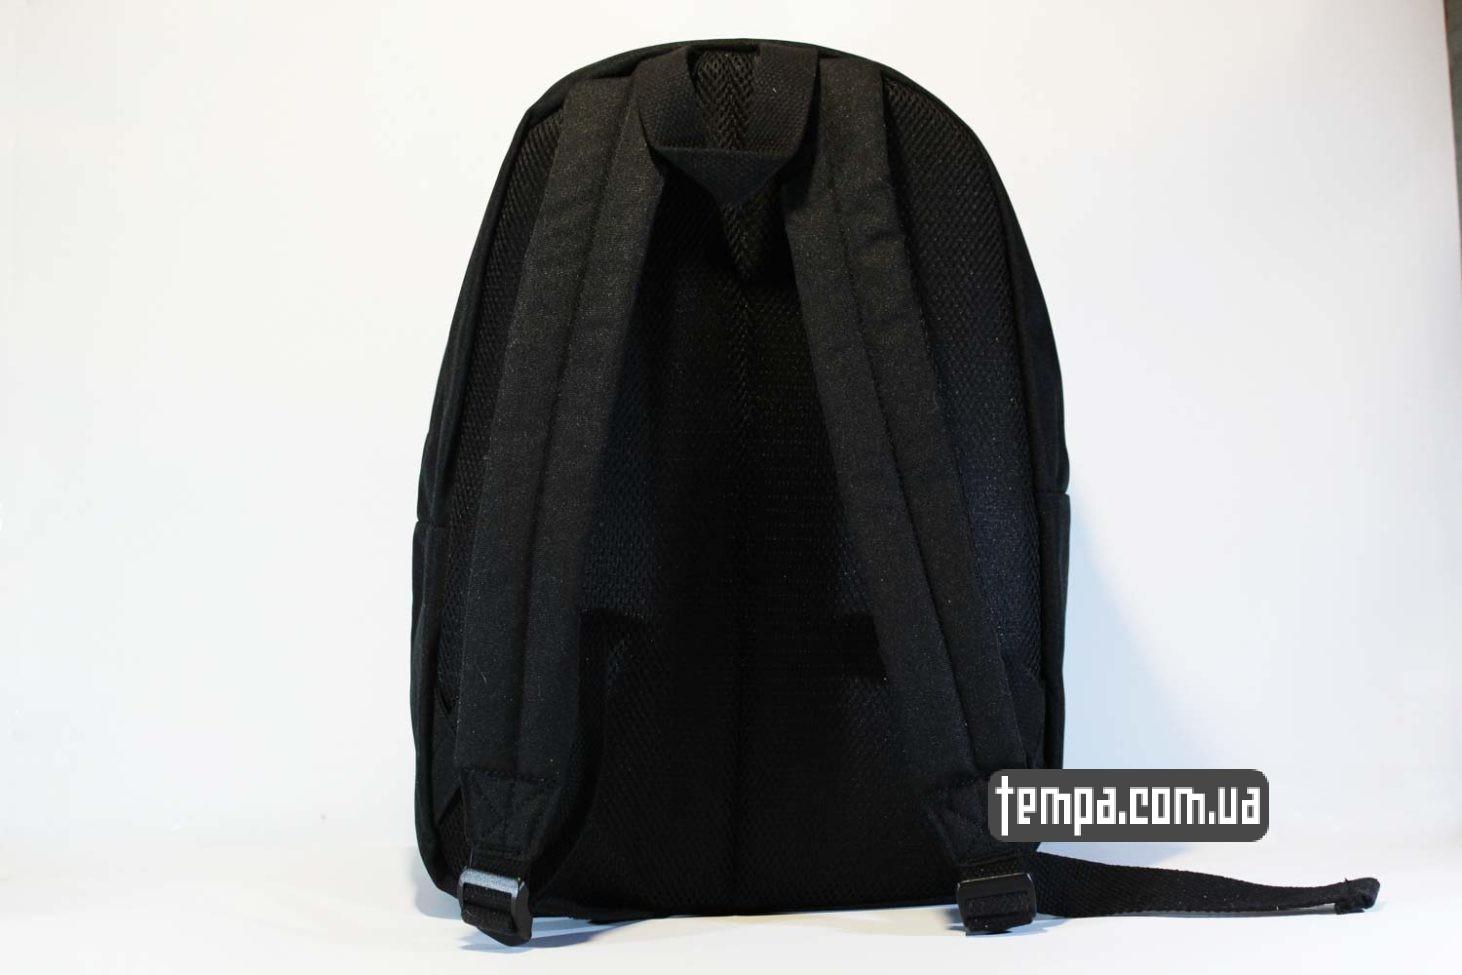 школьный прочный рюкзак Carhartt black backback черный купить Украина